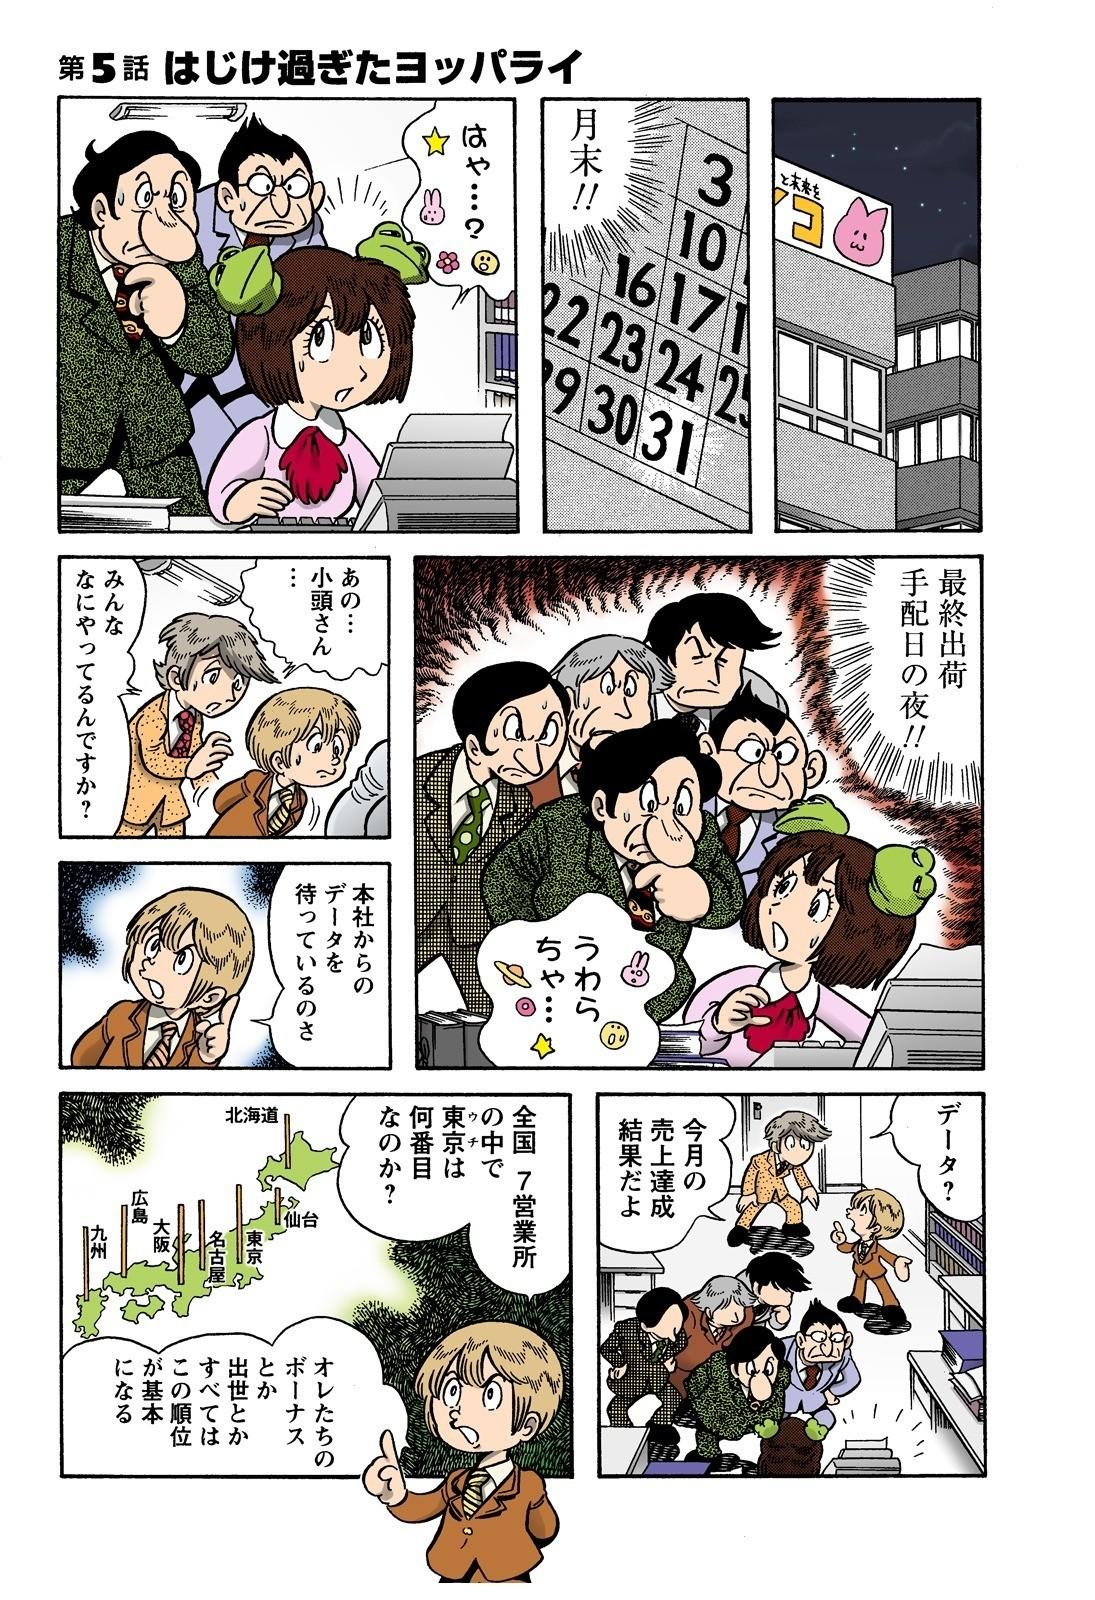 実録オモチャ業界サラリーマン漫画5話目です。 今回は、売上げ目標達成率「全国No.1お祝い宴会」がテーマです。 全国トップに立ったヨイコトーイ東京営業所のメンバーたちは、酒癖の悪さも全国トップだった!